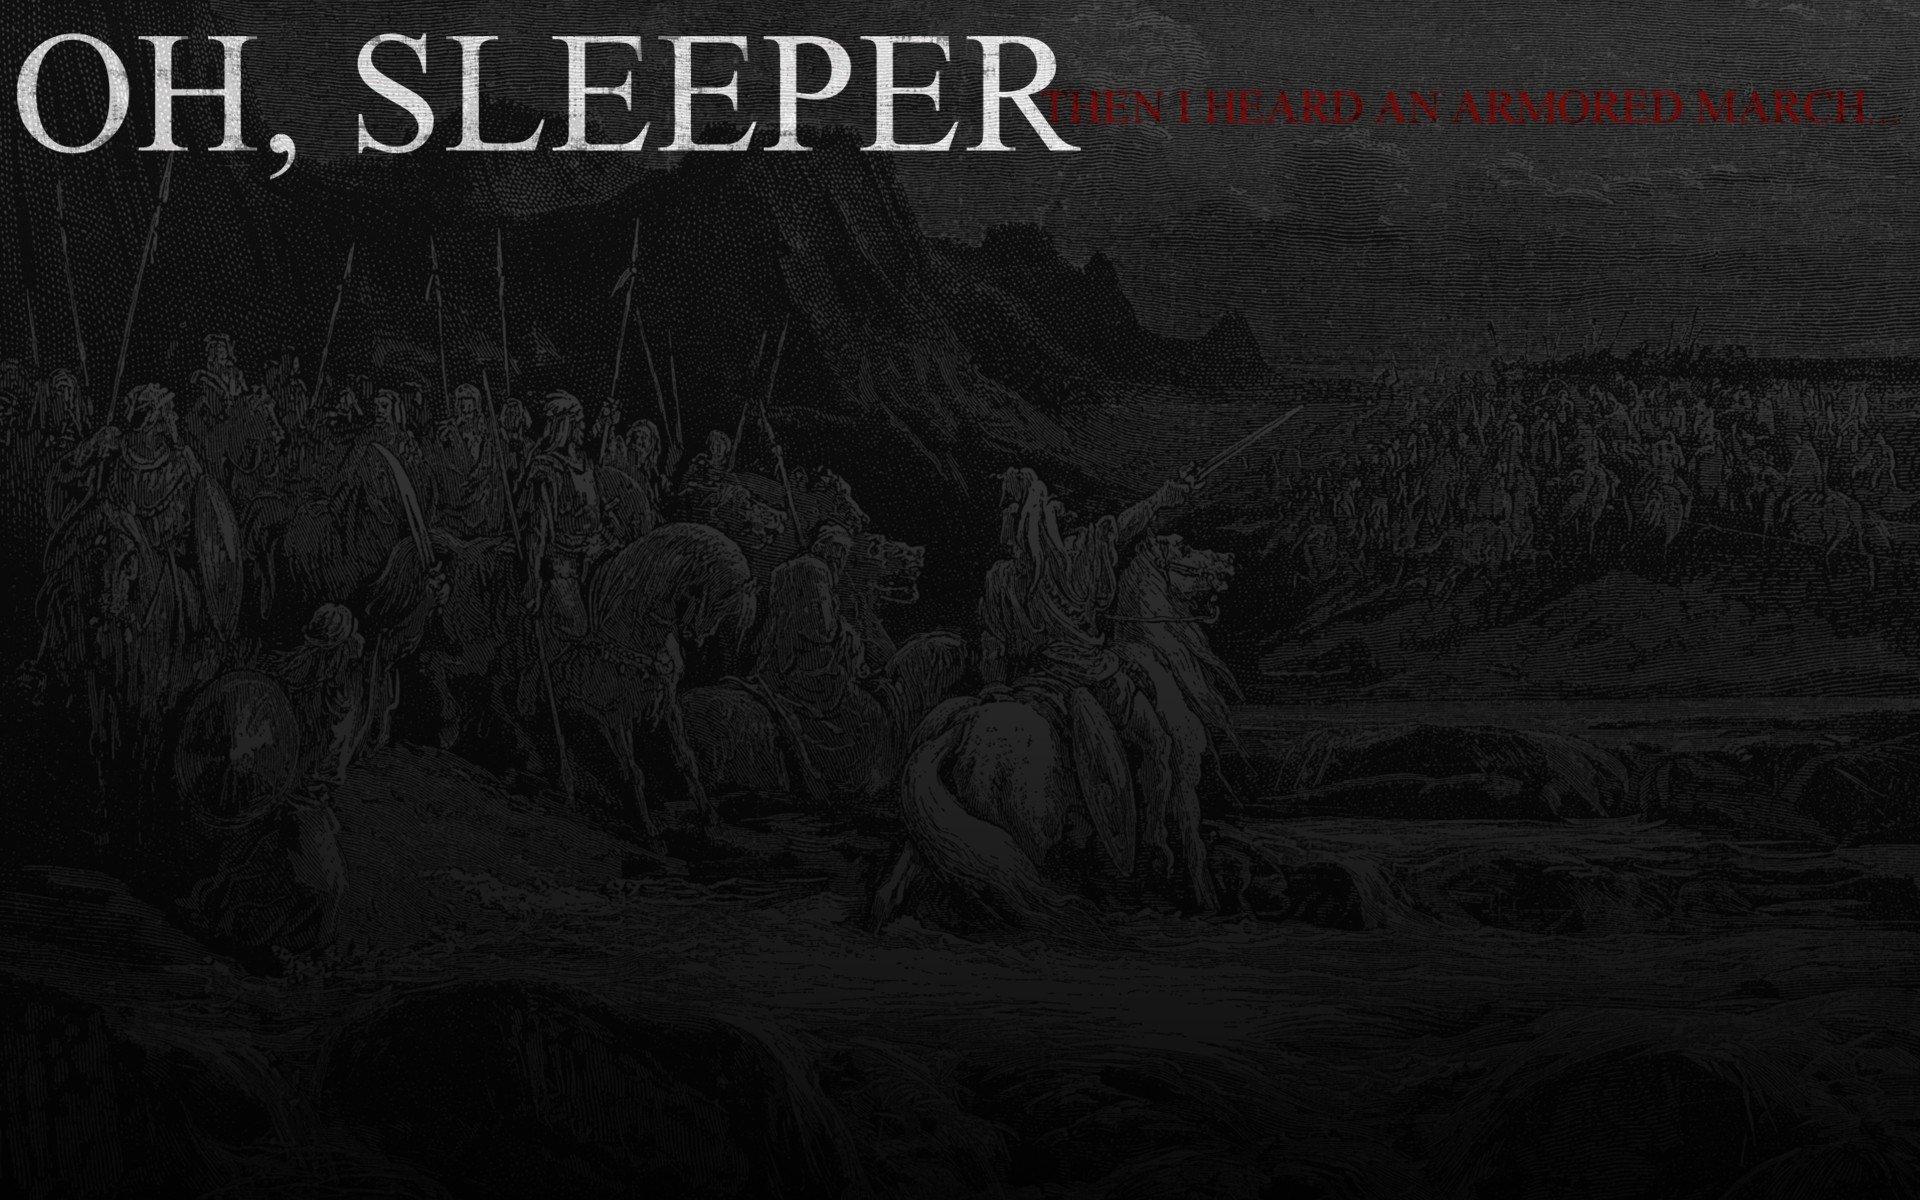 Musique - Oh Sleeper  Musique Fond d'écran